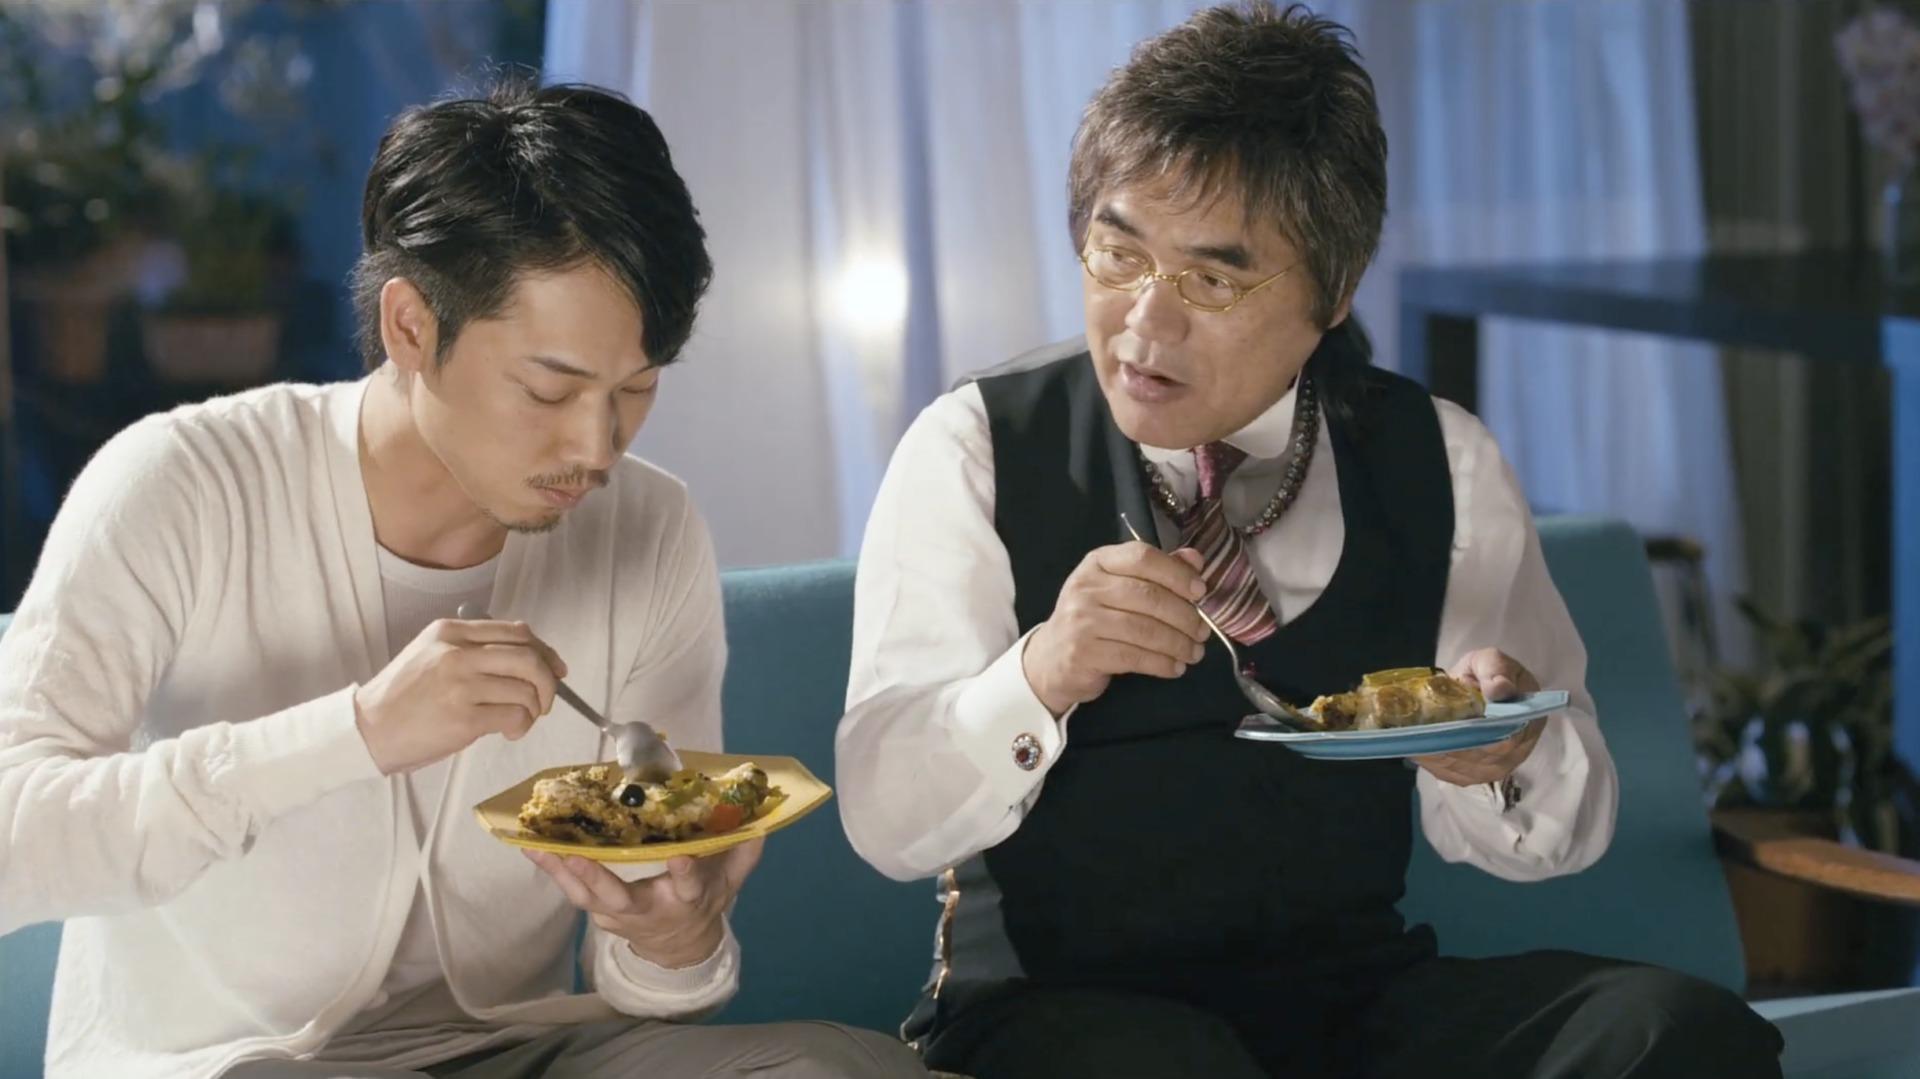 綾野剛さんと綾小路きみまろさんの実食